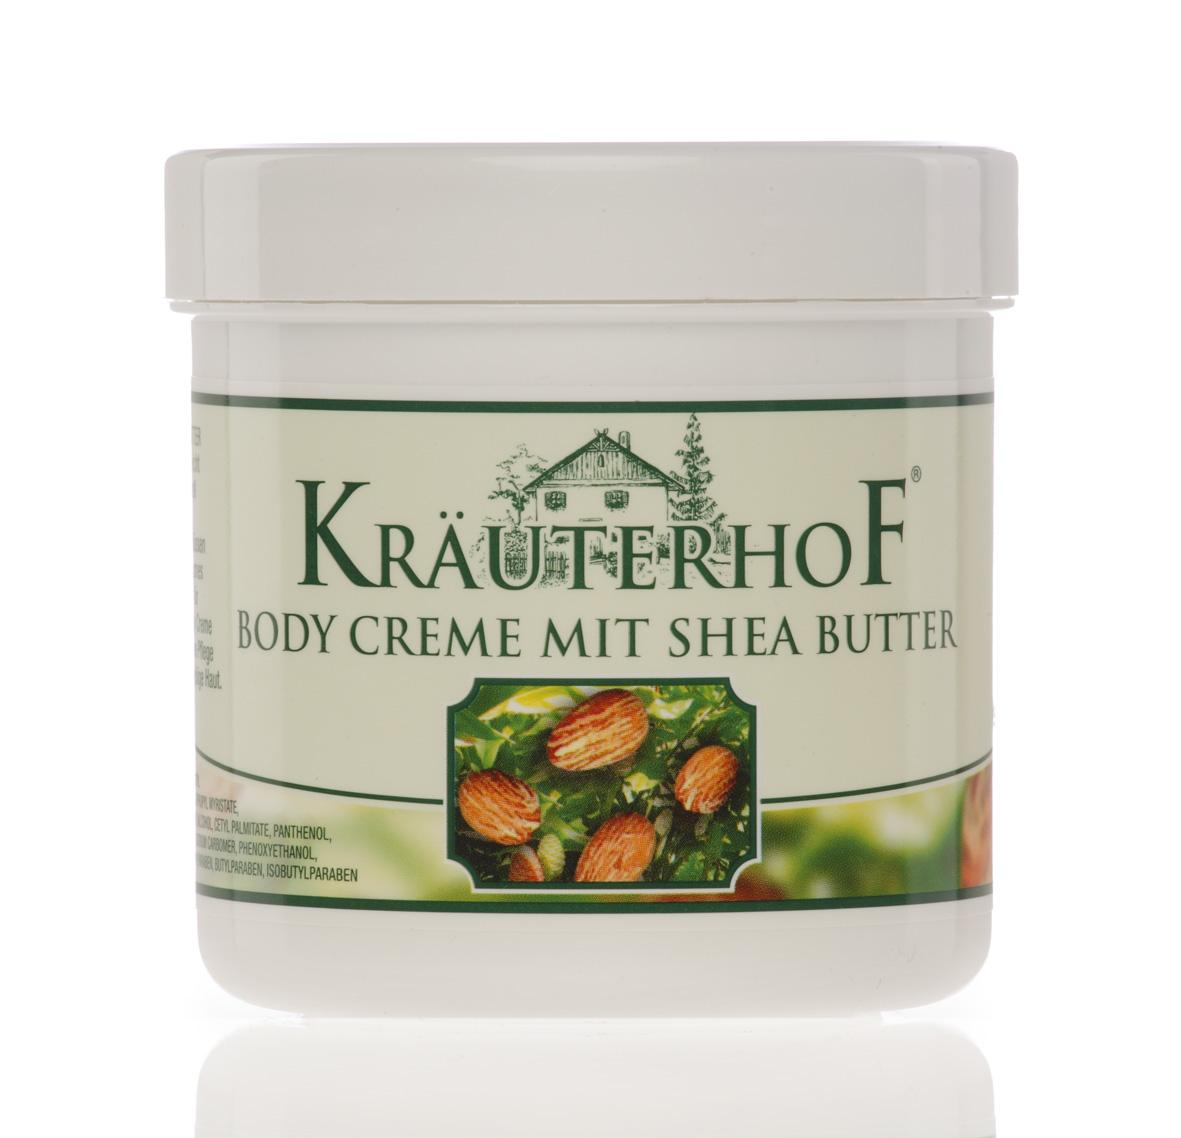 Kräuterhof Body-Creme mit Shea Butter, 250 ml